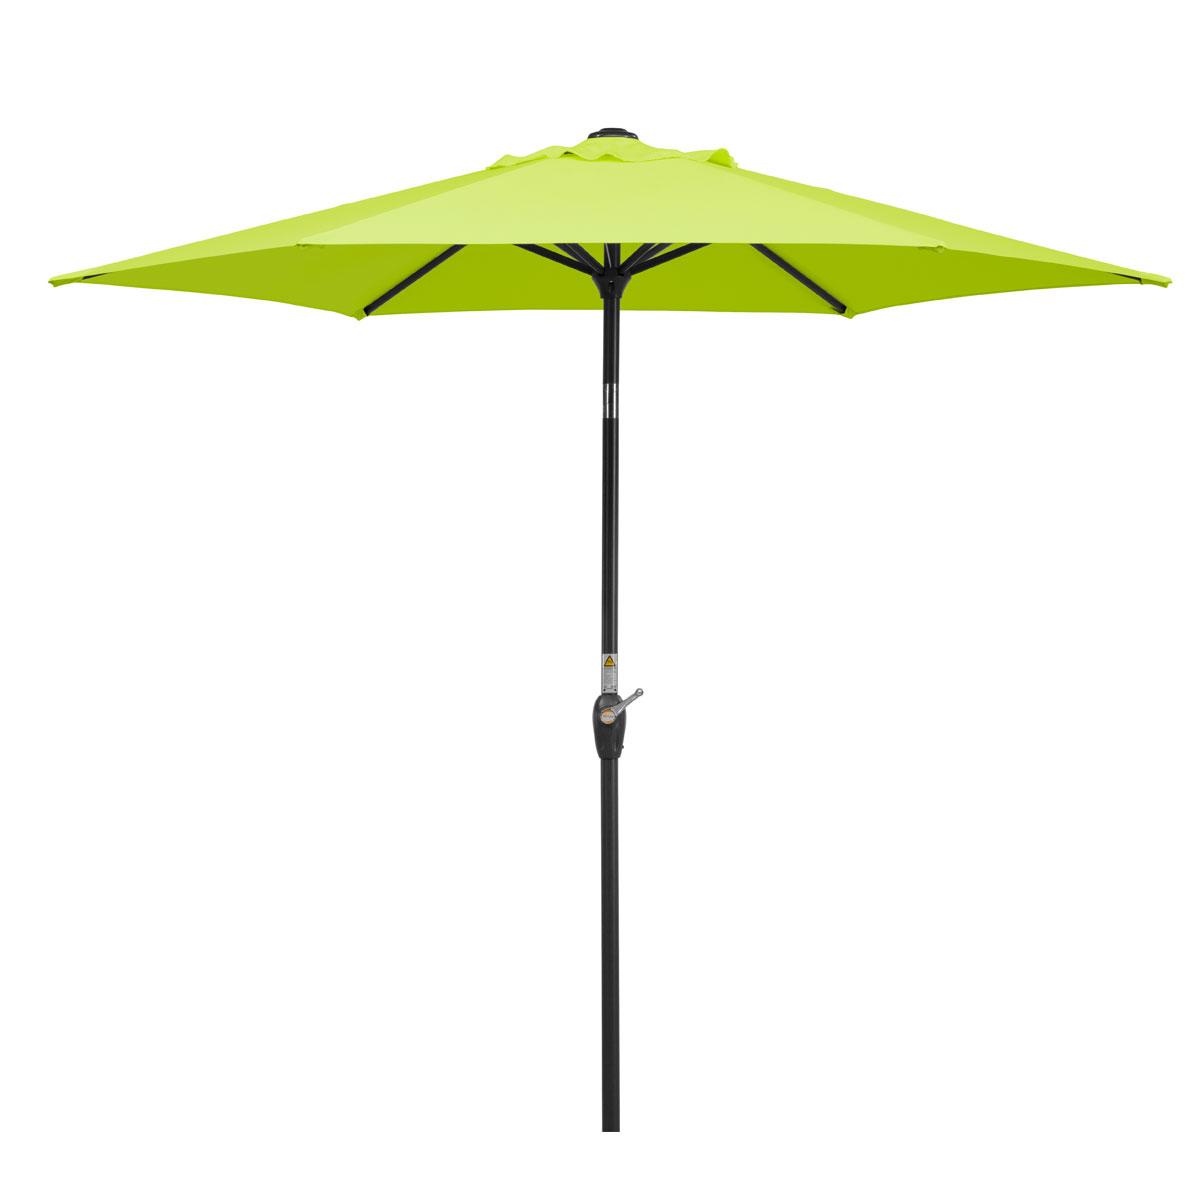 """Sonnenschirme und Sonnensegel - Schirm """"Bilbao 220 6"""", apfelgrün  - Onlineshop Hellweg"""